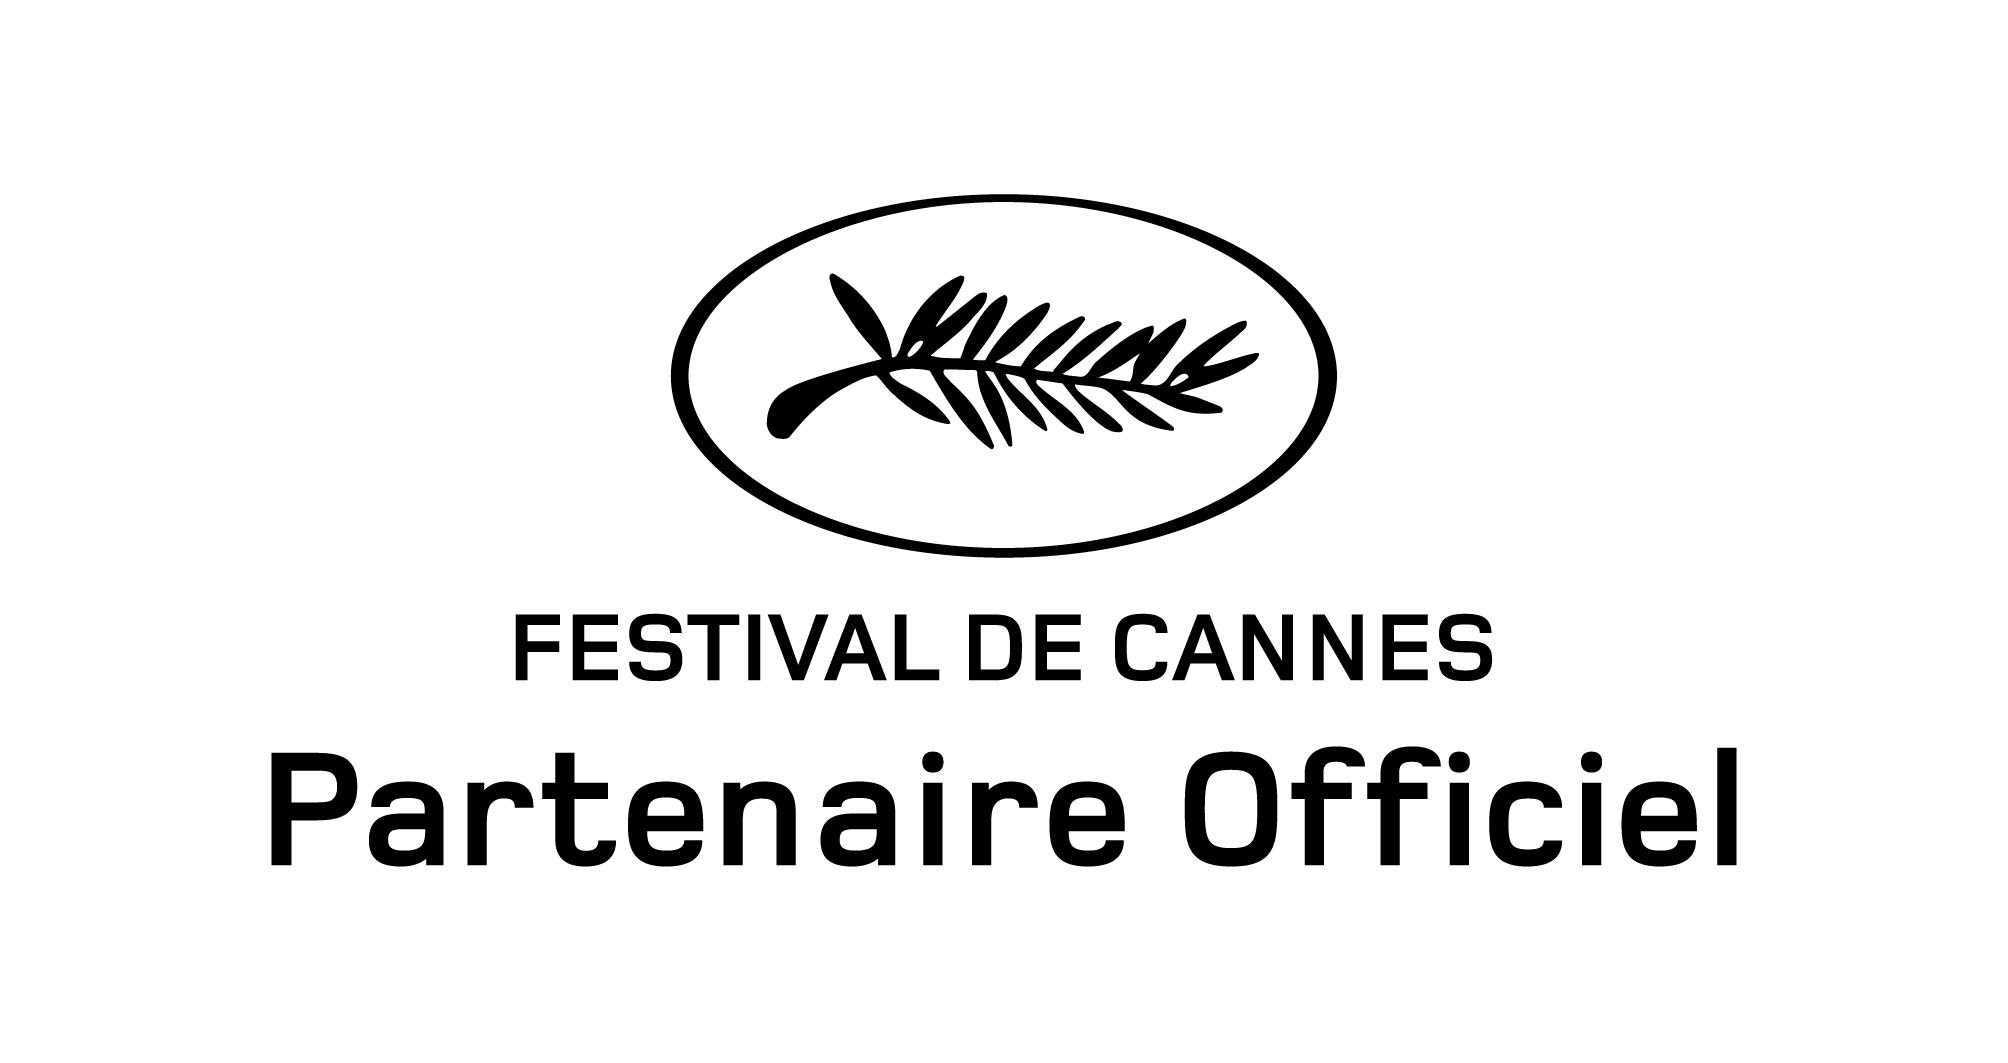 festival de cannes newsletter